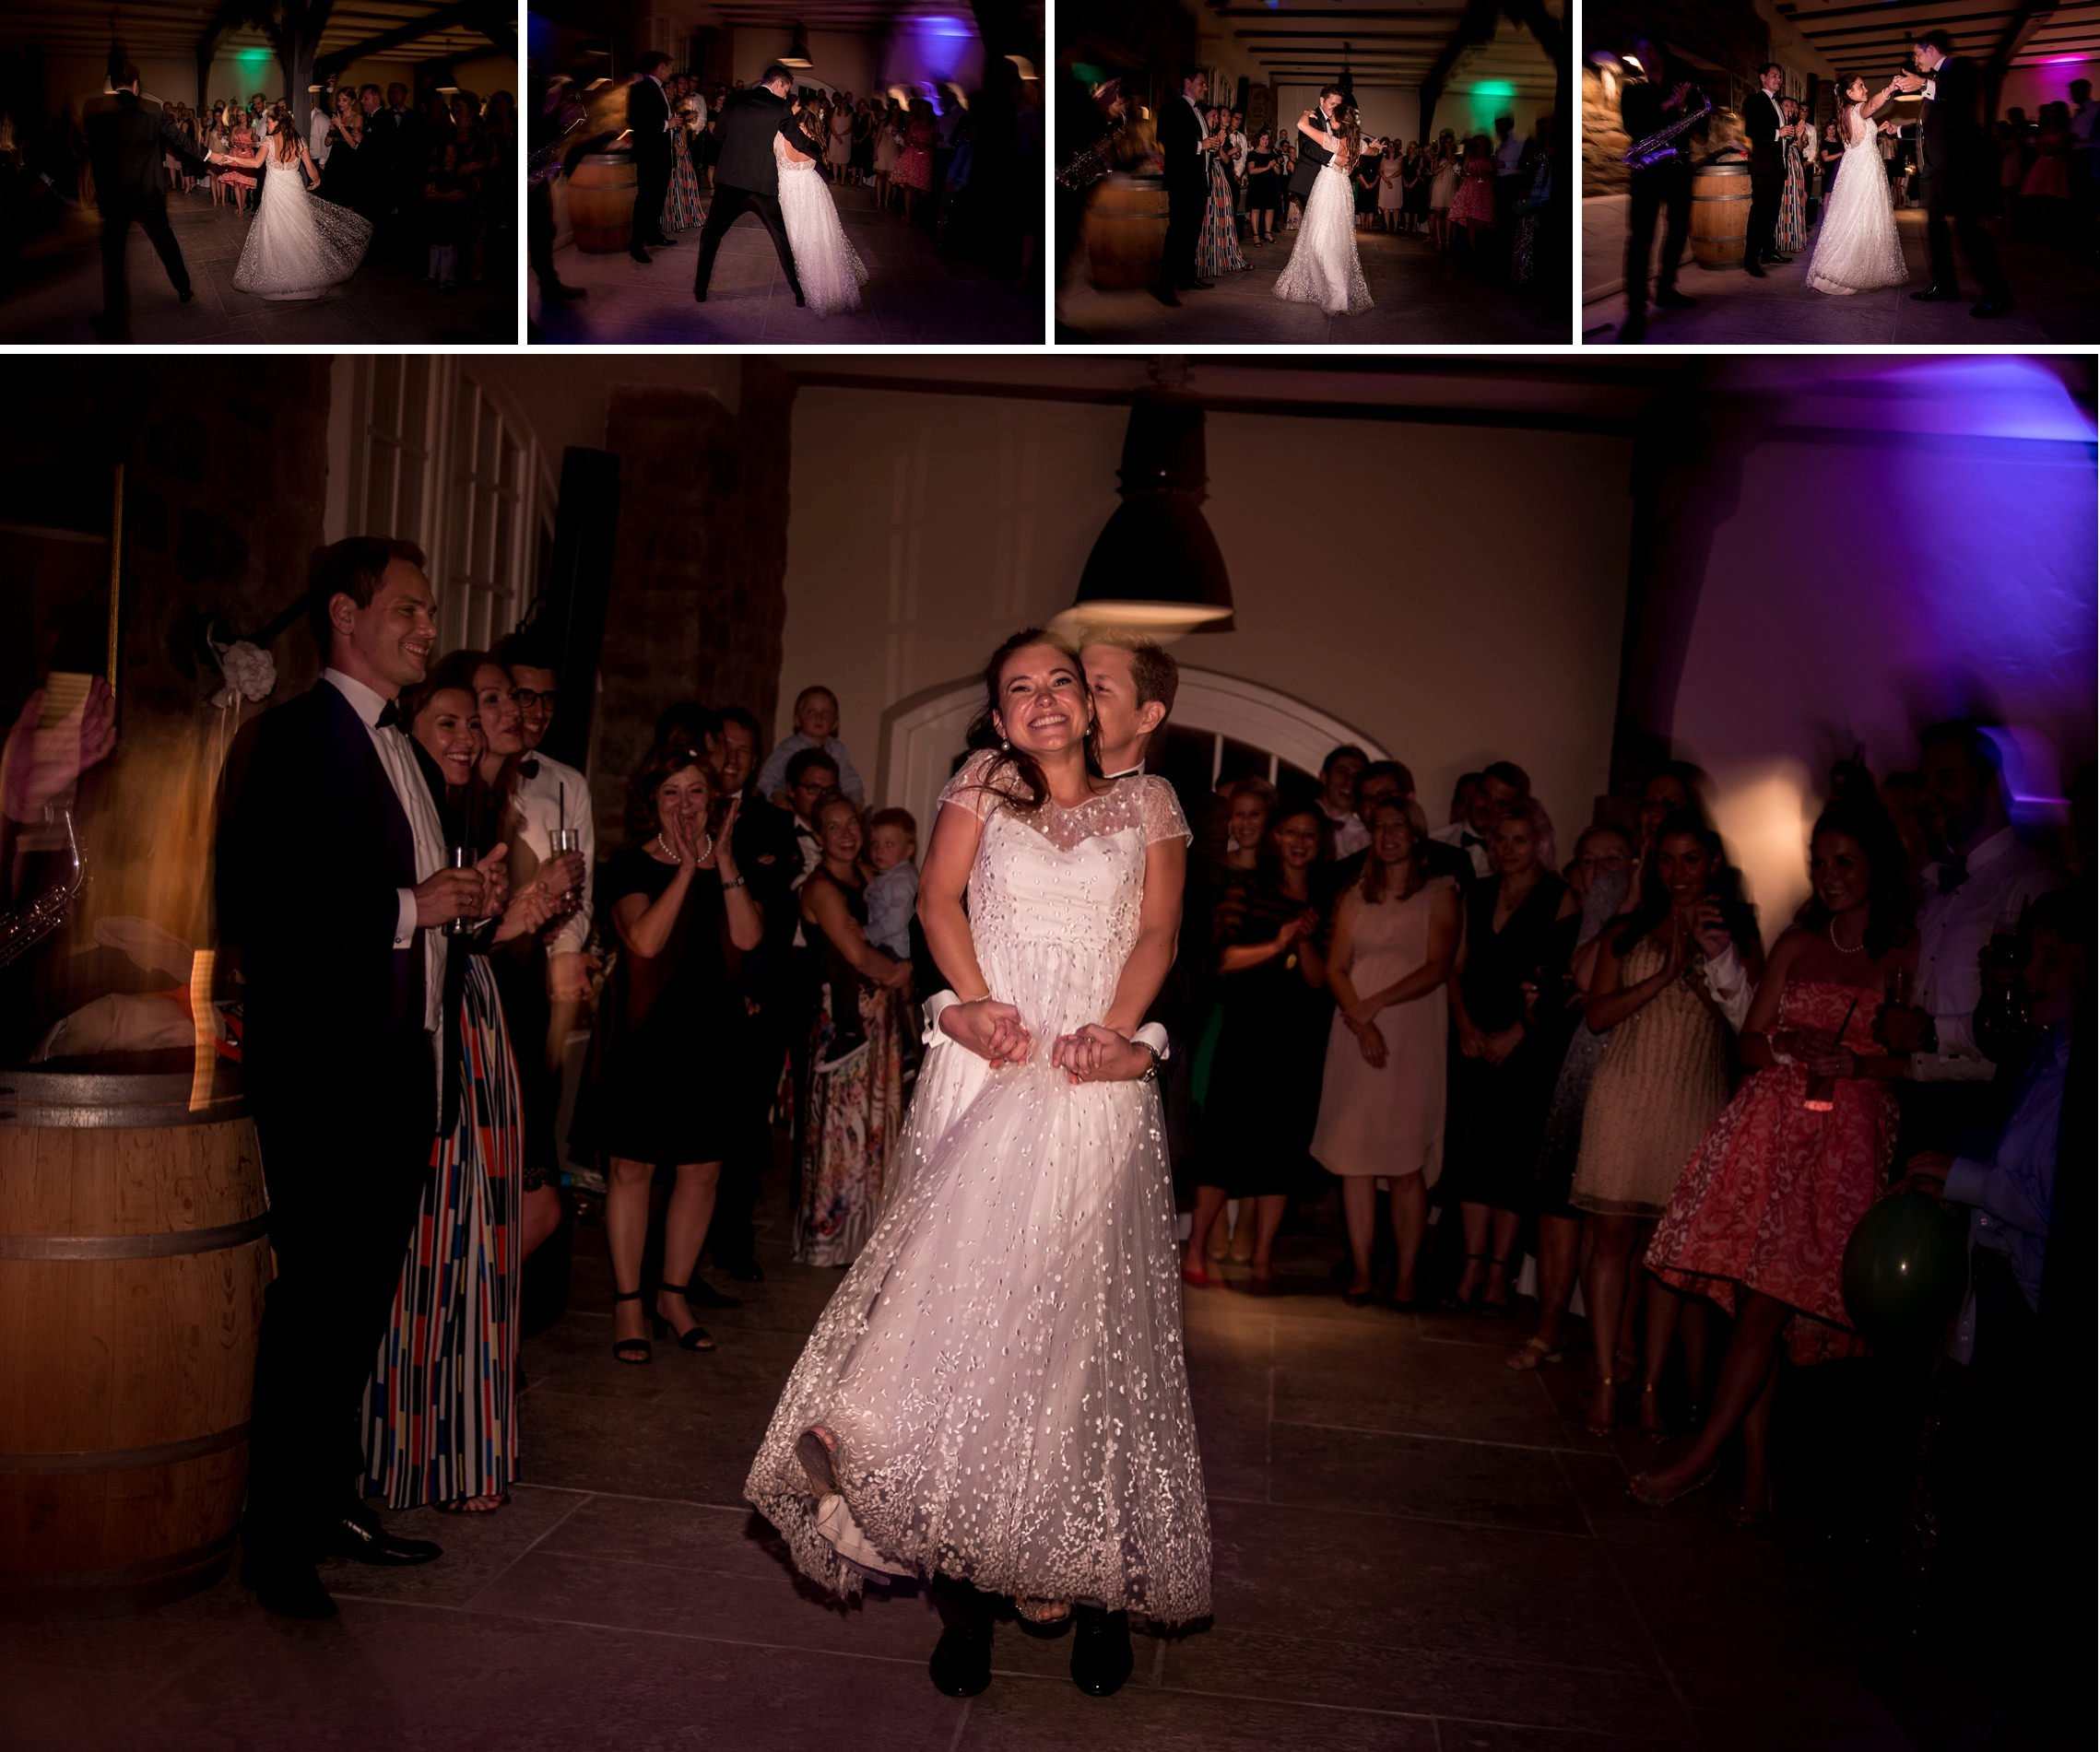 Bildfolge vom Eröffnungstanz des Brautpaares.